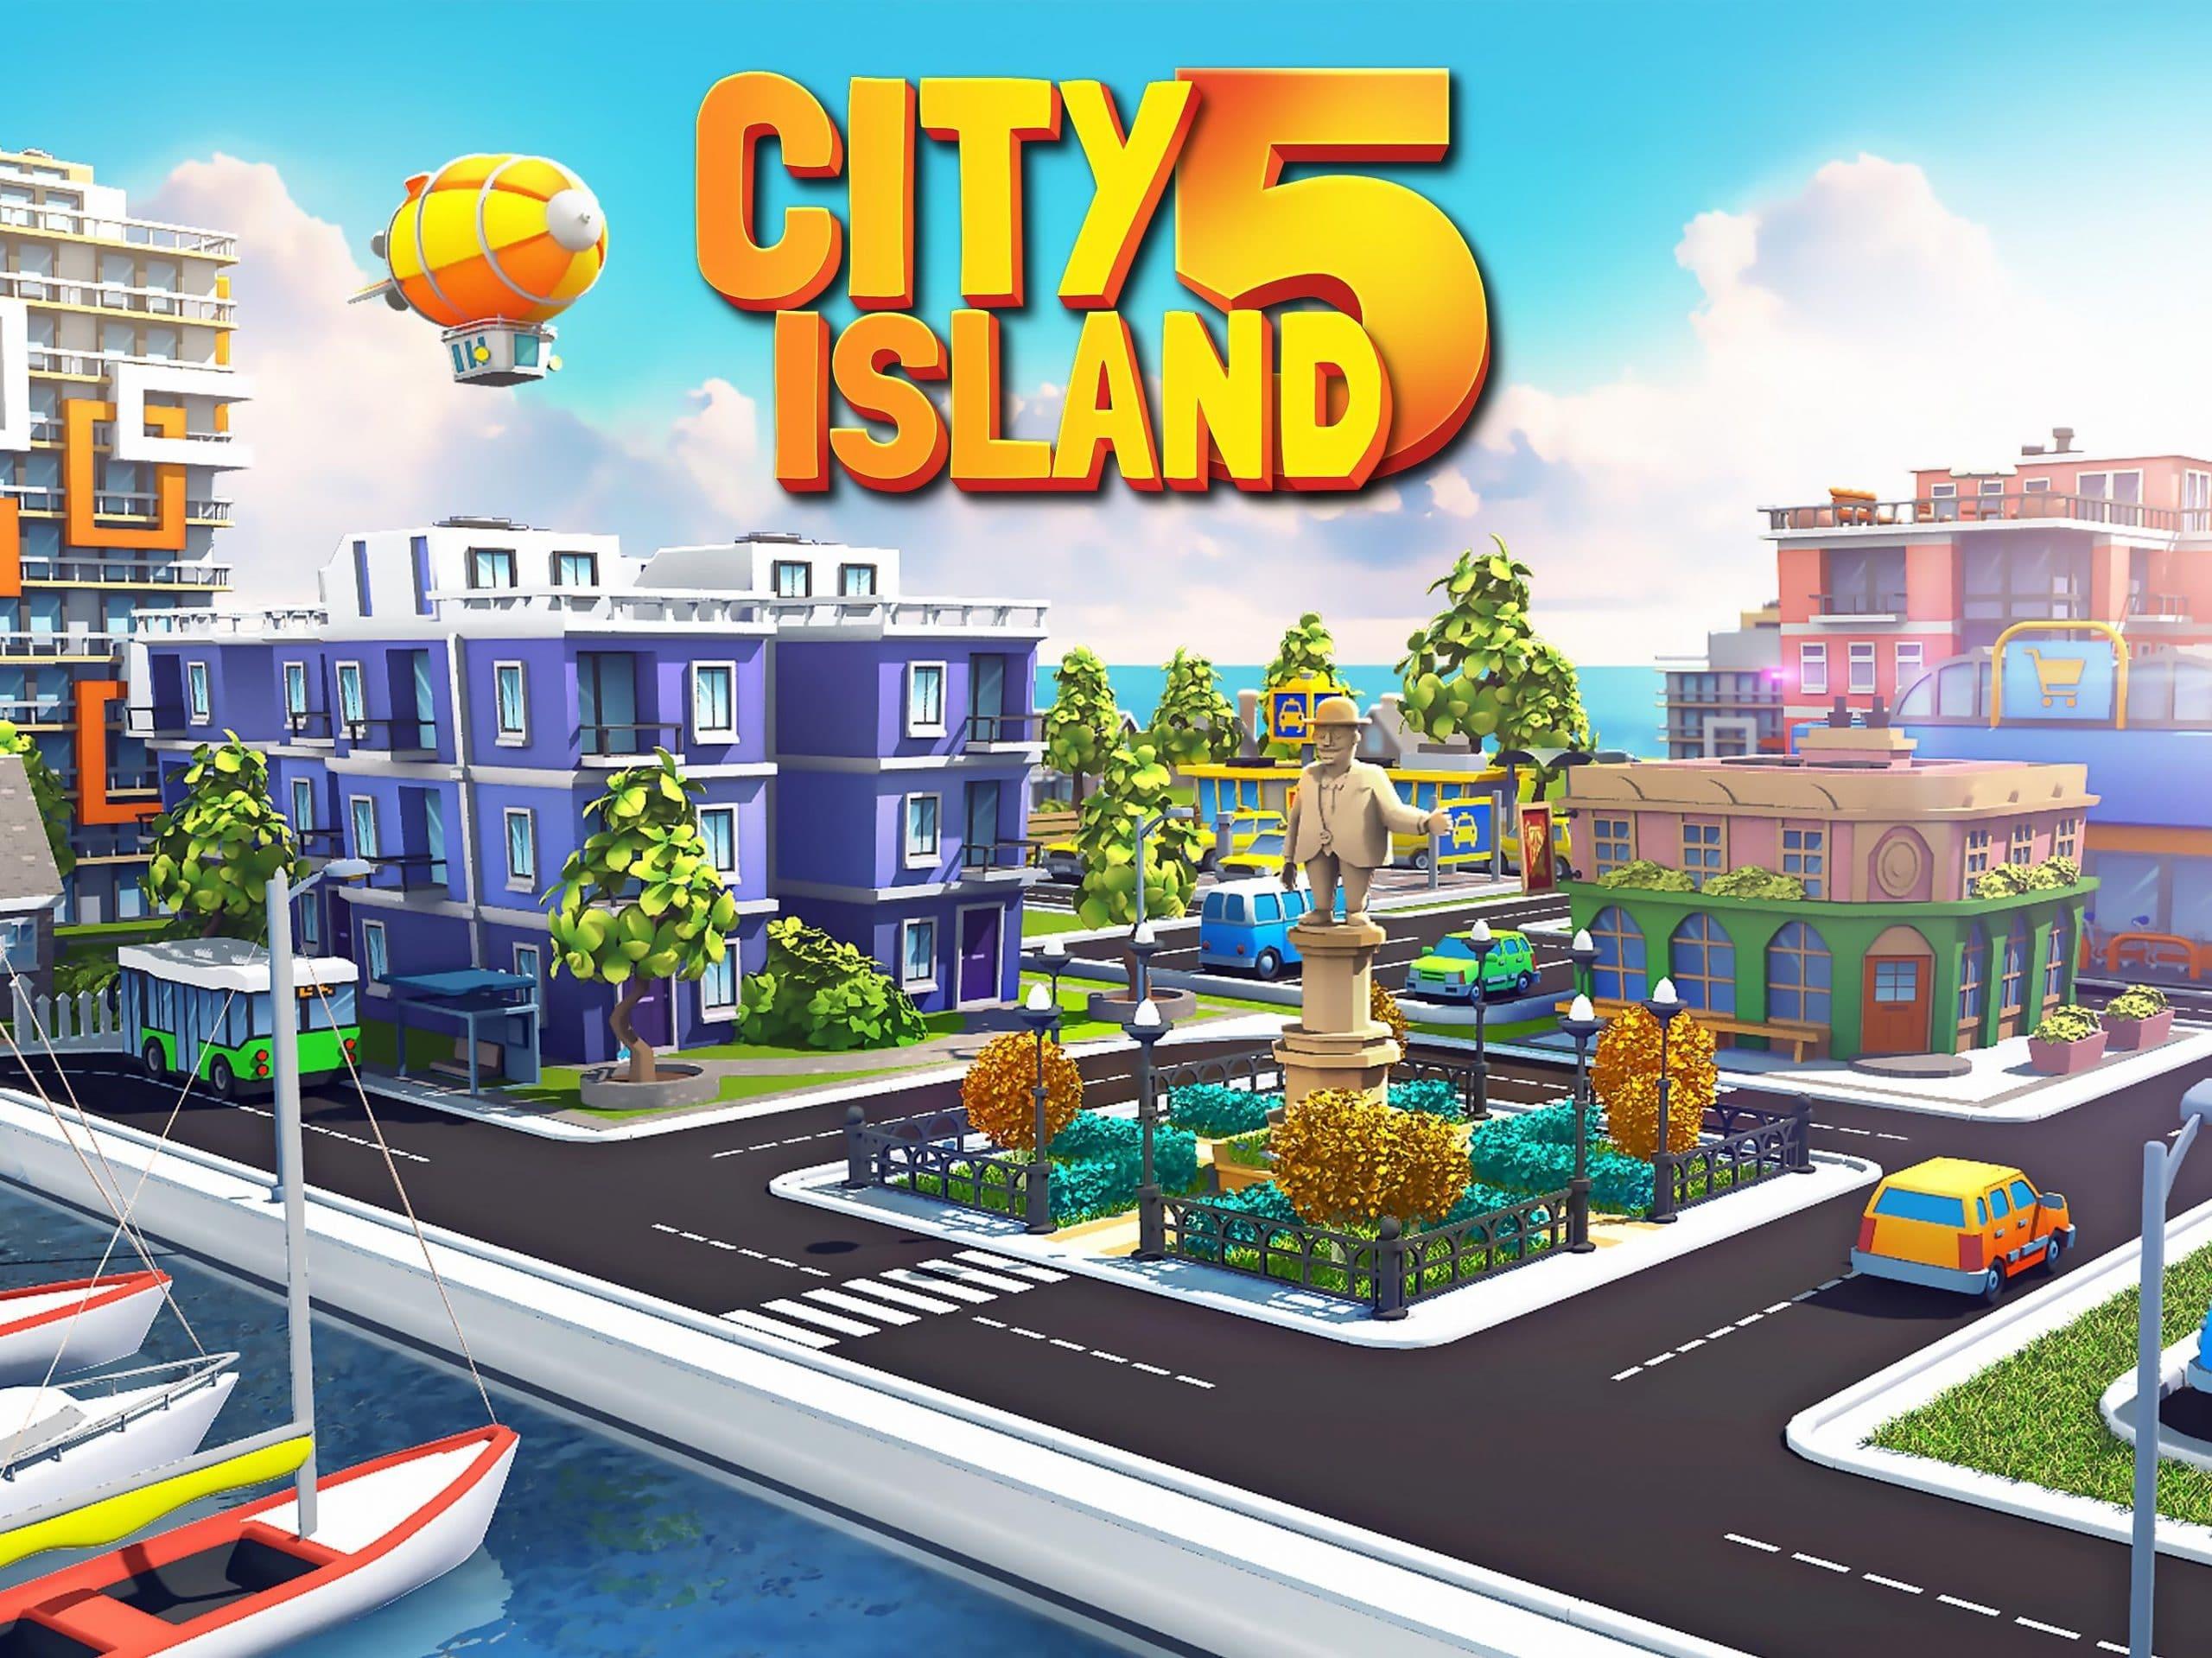 تحميل لعبة City Island 5 3.15.0 مهكرة اخر اصدار للاندرويد